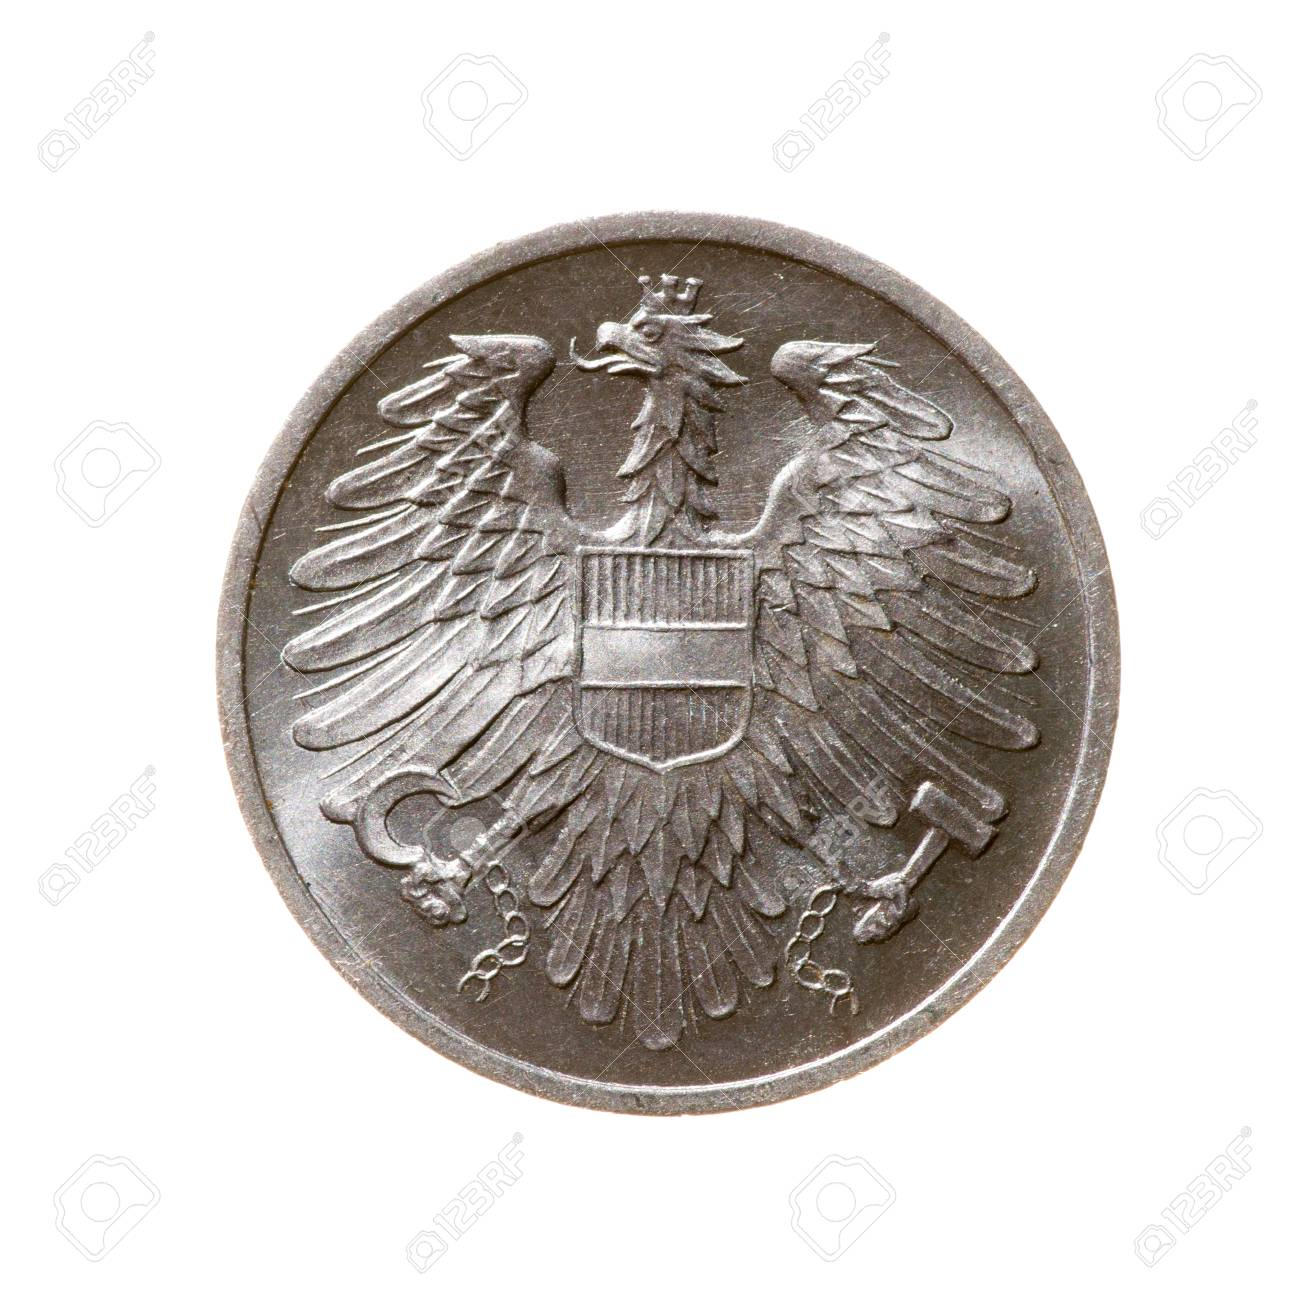 Zwei Cent Münze österreich Auf Einem Weißen Hintergrund Top View